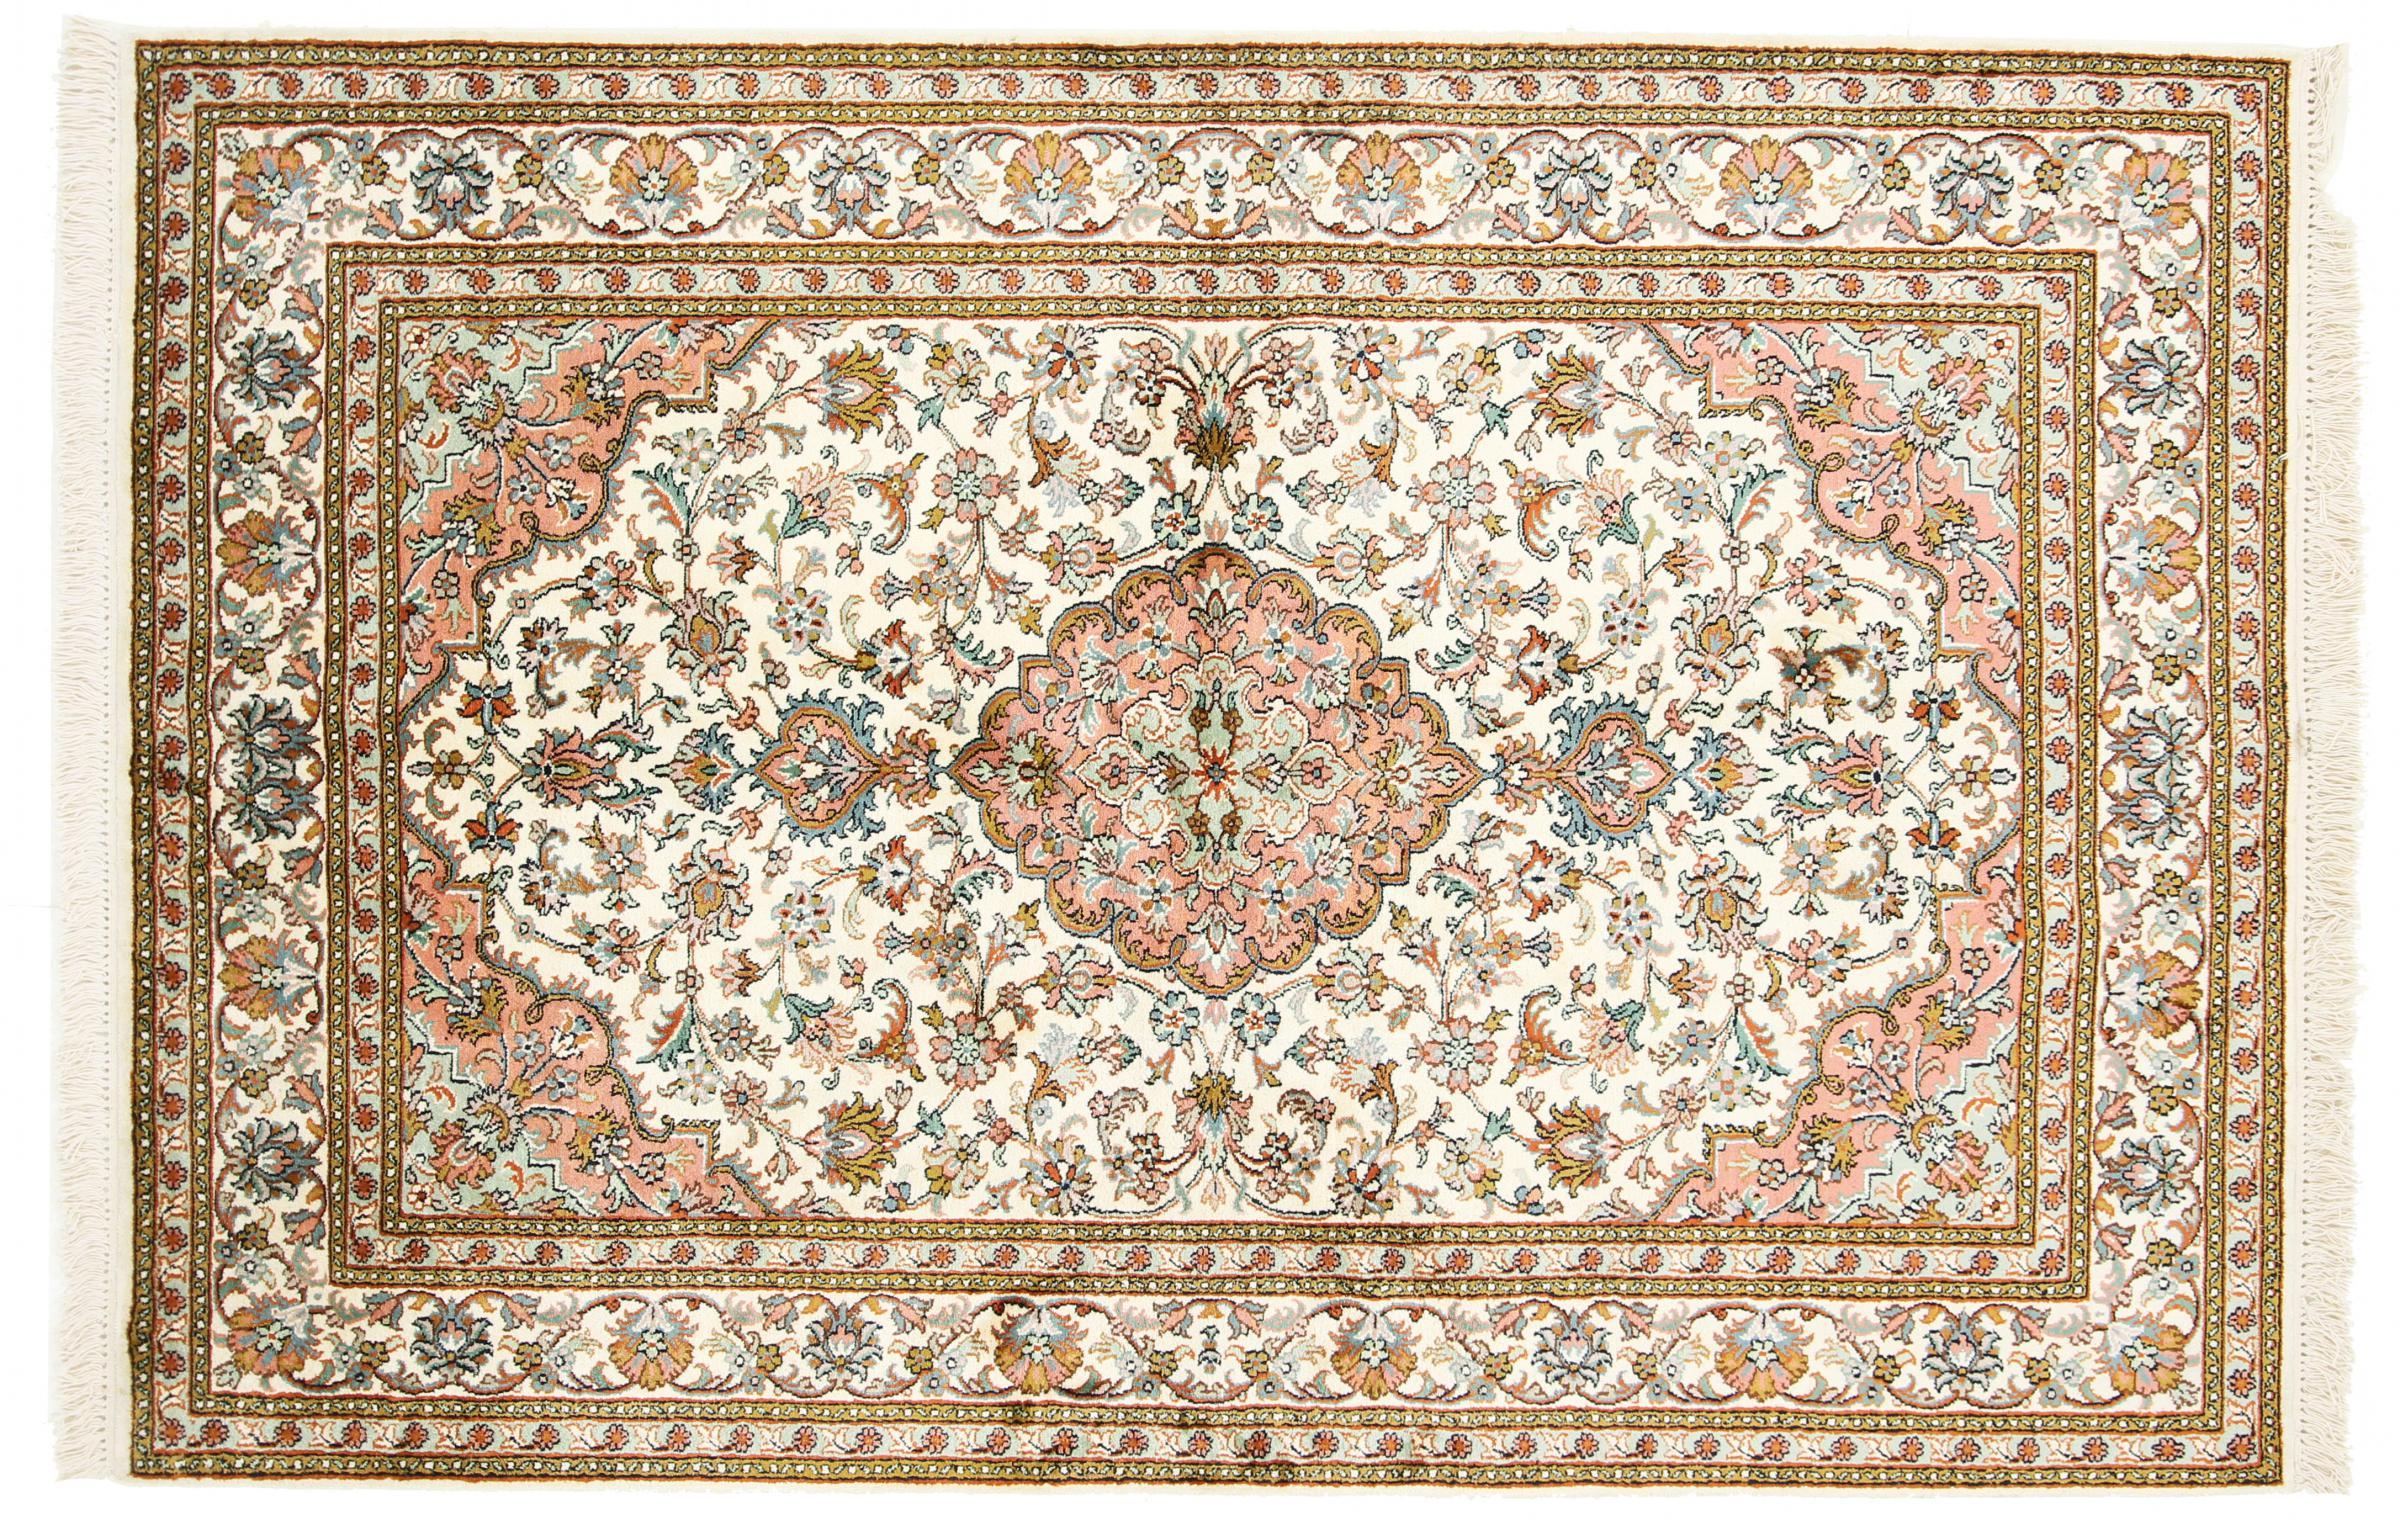 kaschmir reine seide indischer teppich 188x127 id19968. Black Bedroom Furniture Sets. Home Design Ideas